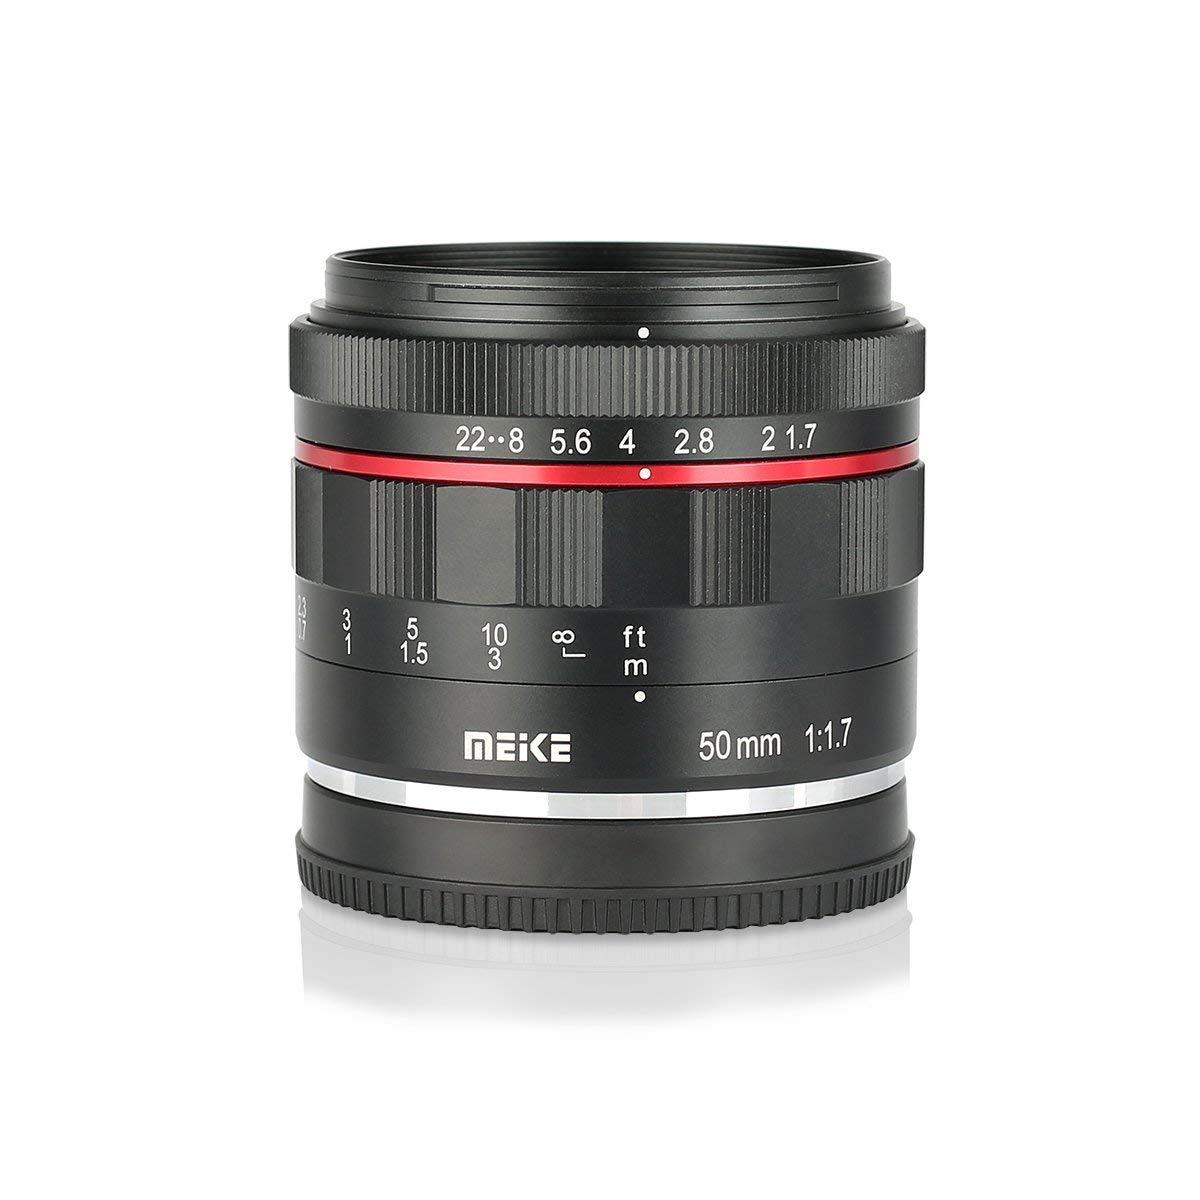 Ống kính Meike 50mm f1.7 Full- Frame for Sony E-Mount- Hàng Nhập Khẩu